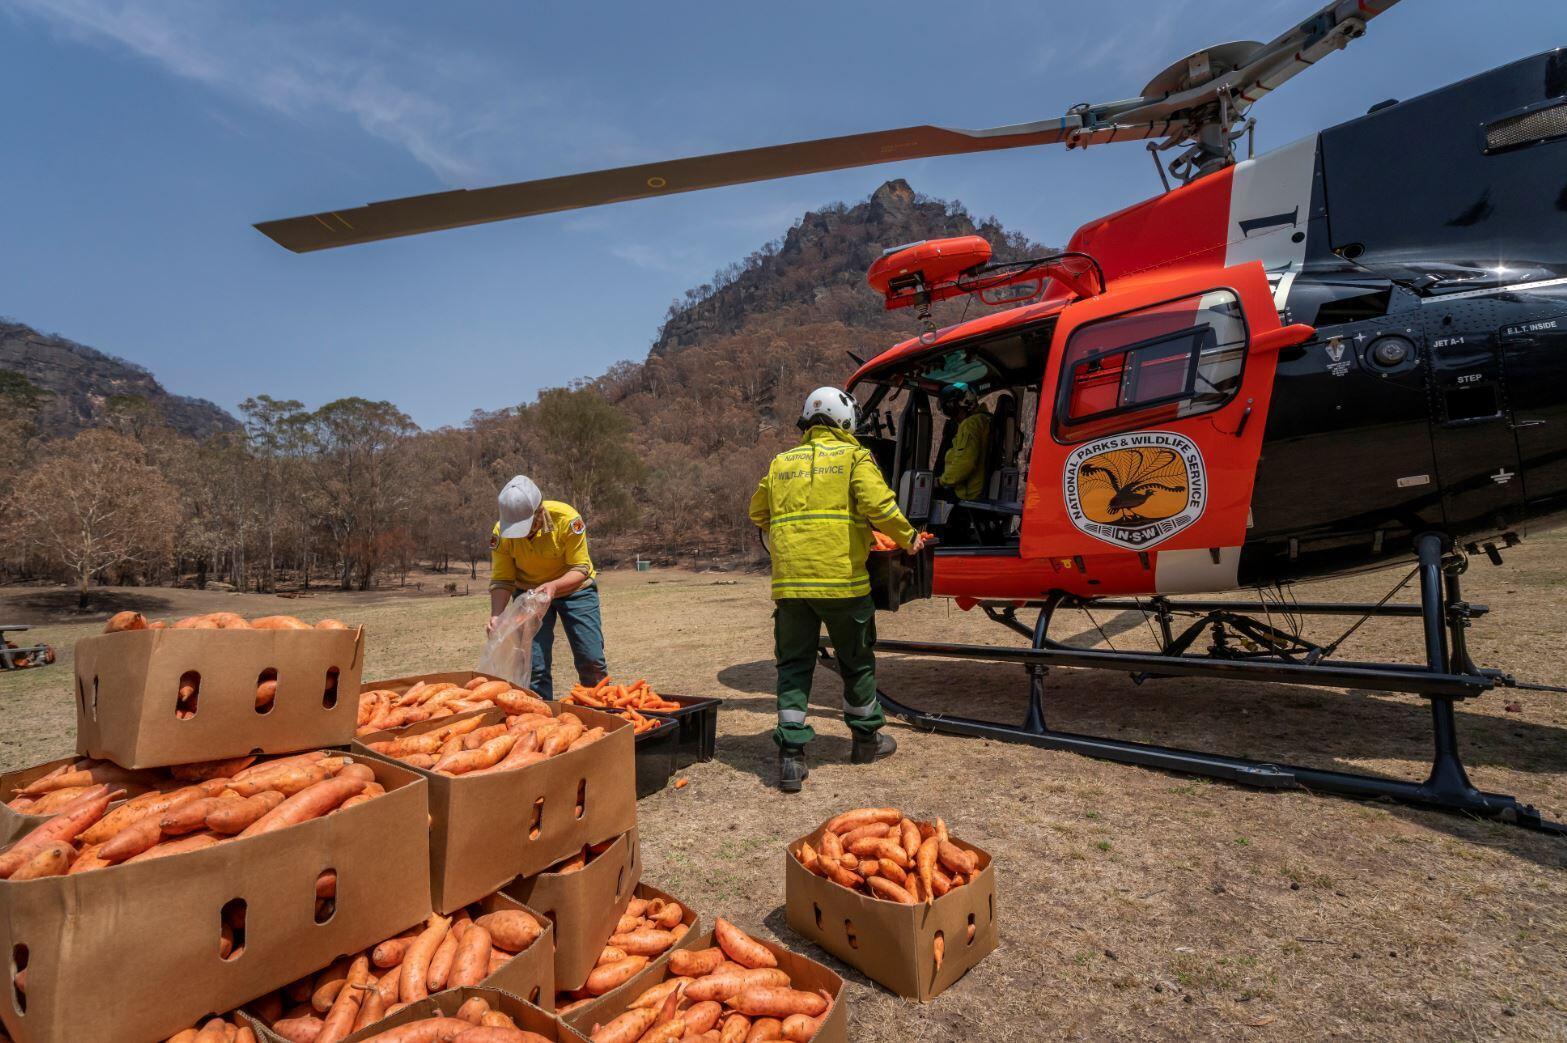 Тонны моркови и сладкого картофеля сбросили животным в Австралии